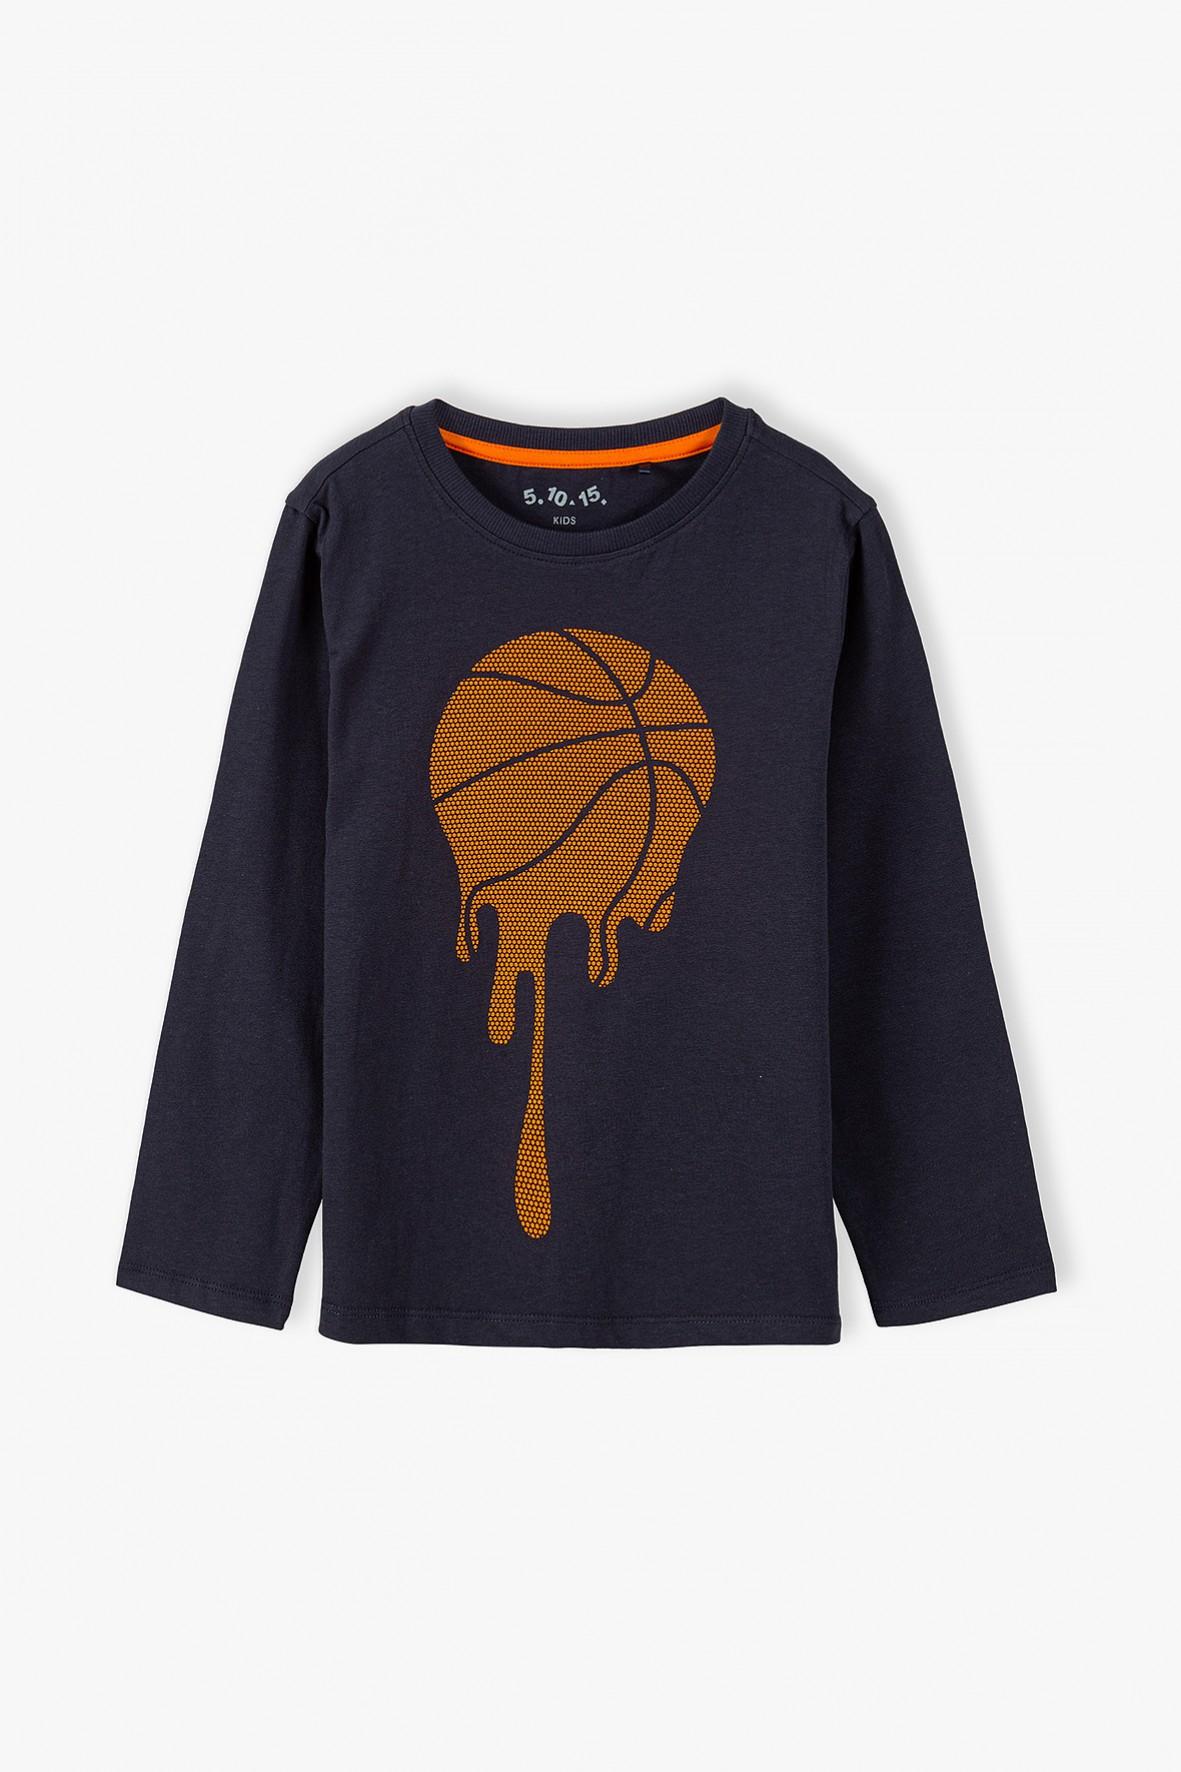 Bawełniana bluzka chłopięca z długim rękawem - granatowa z piłką